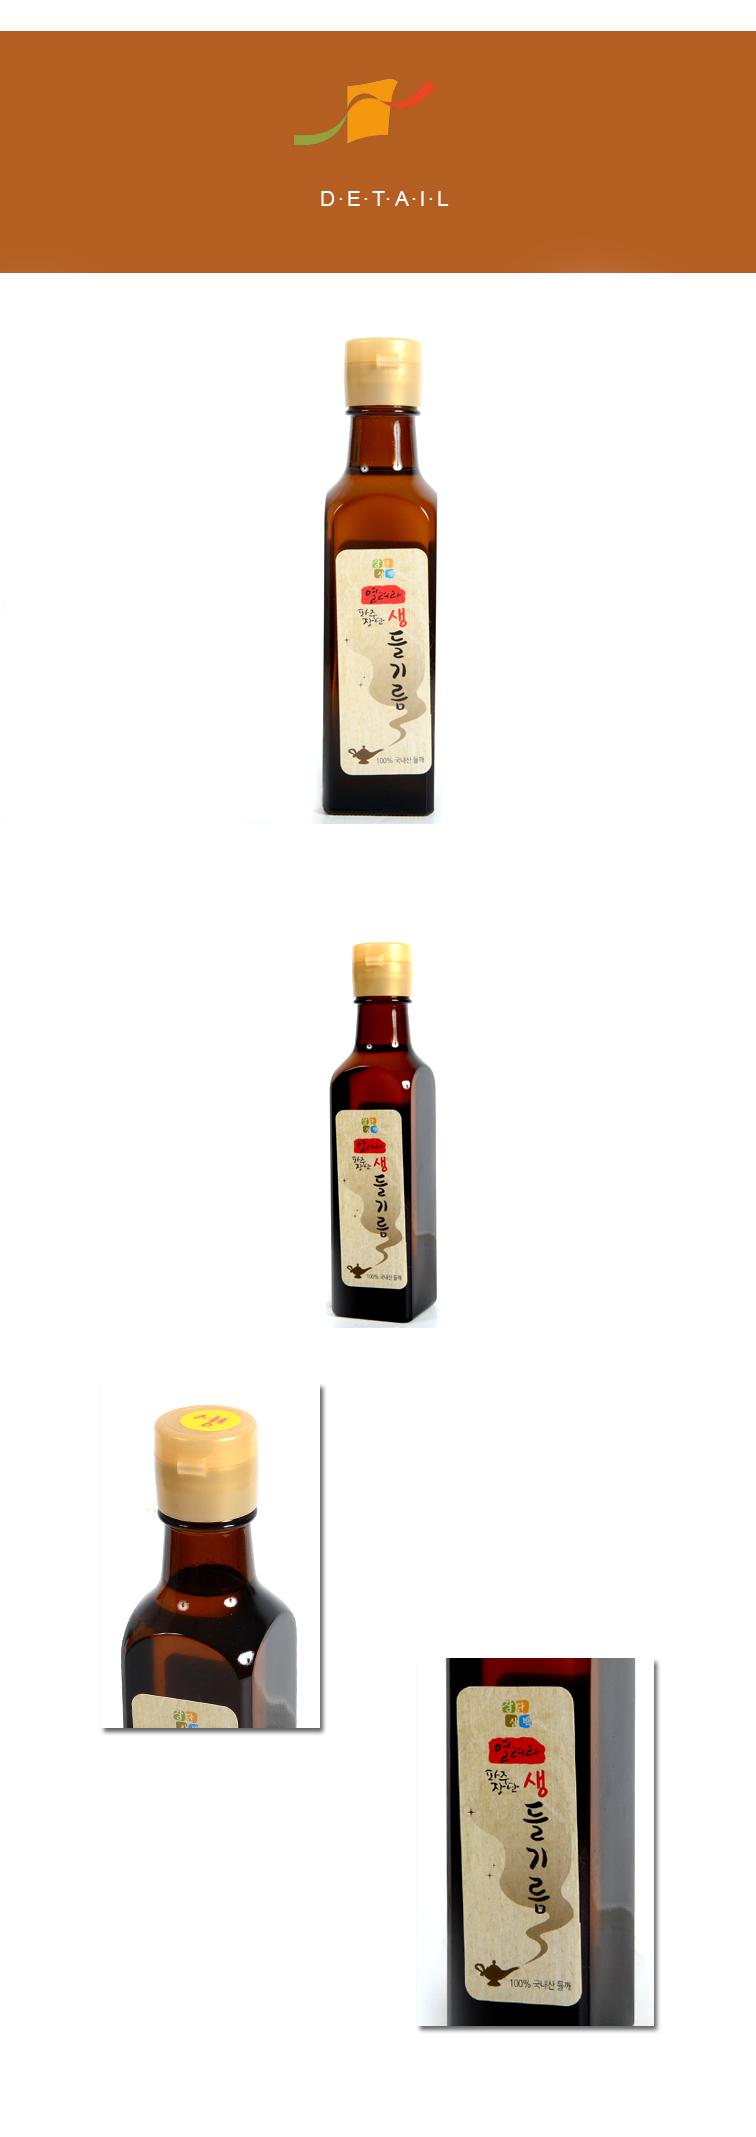 참기름.jpg